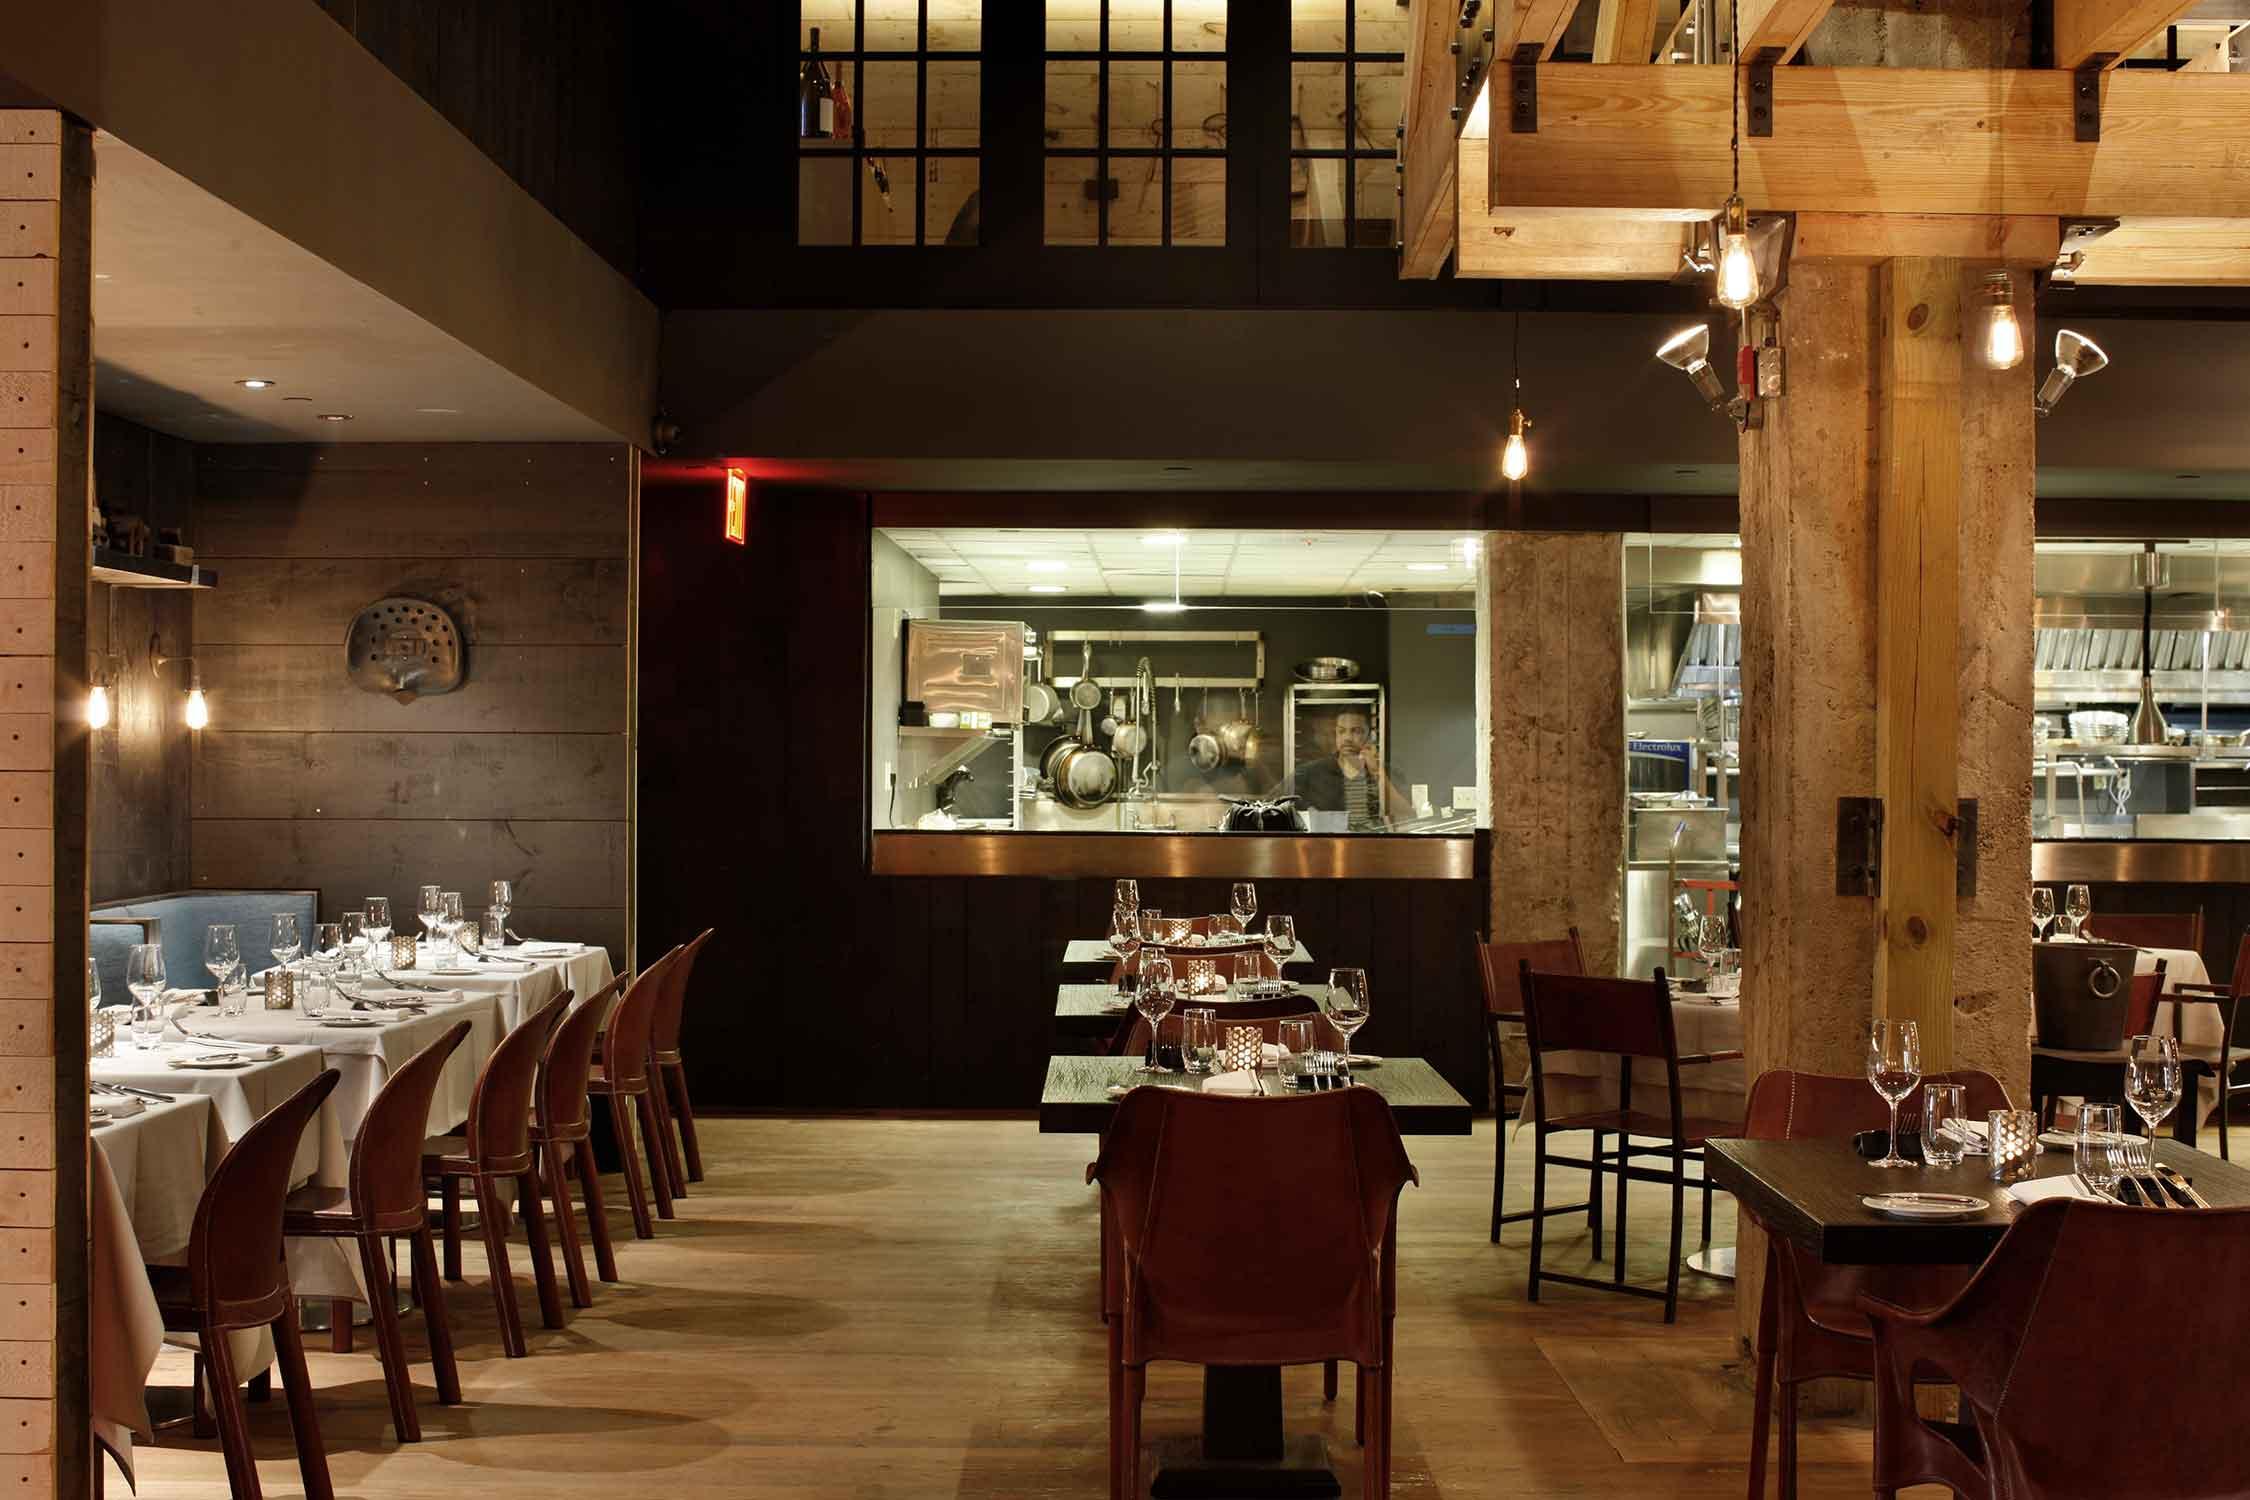 Blackbarn-Restaurant-40.jpg